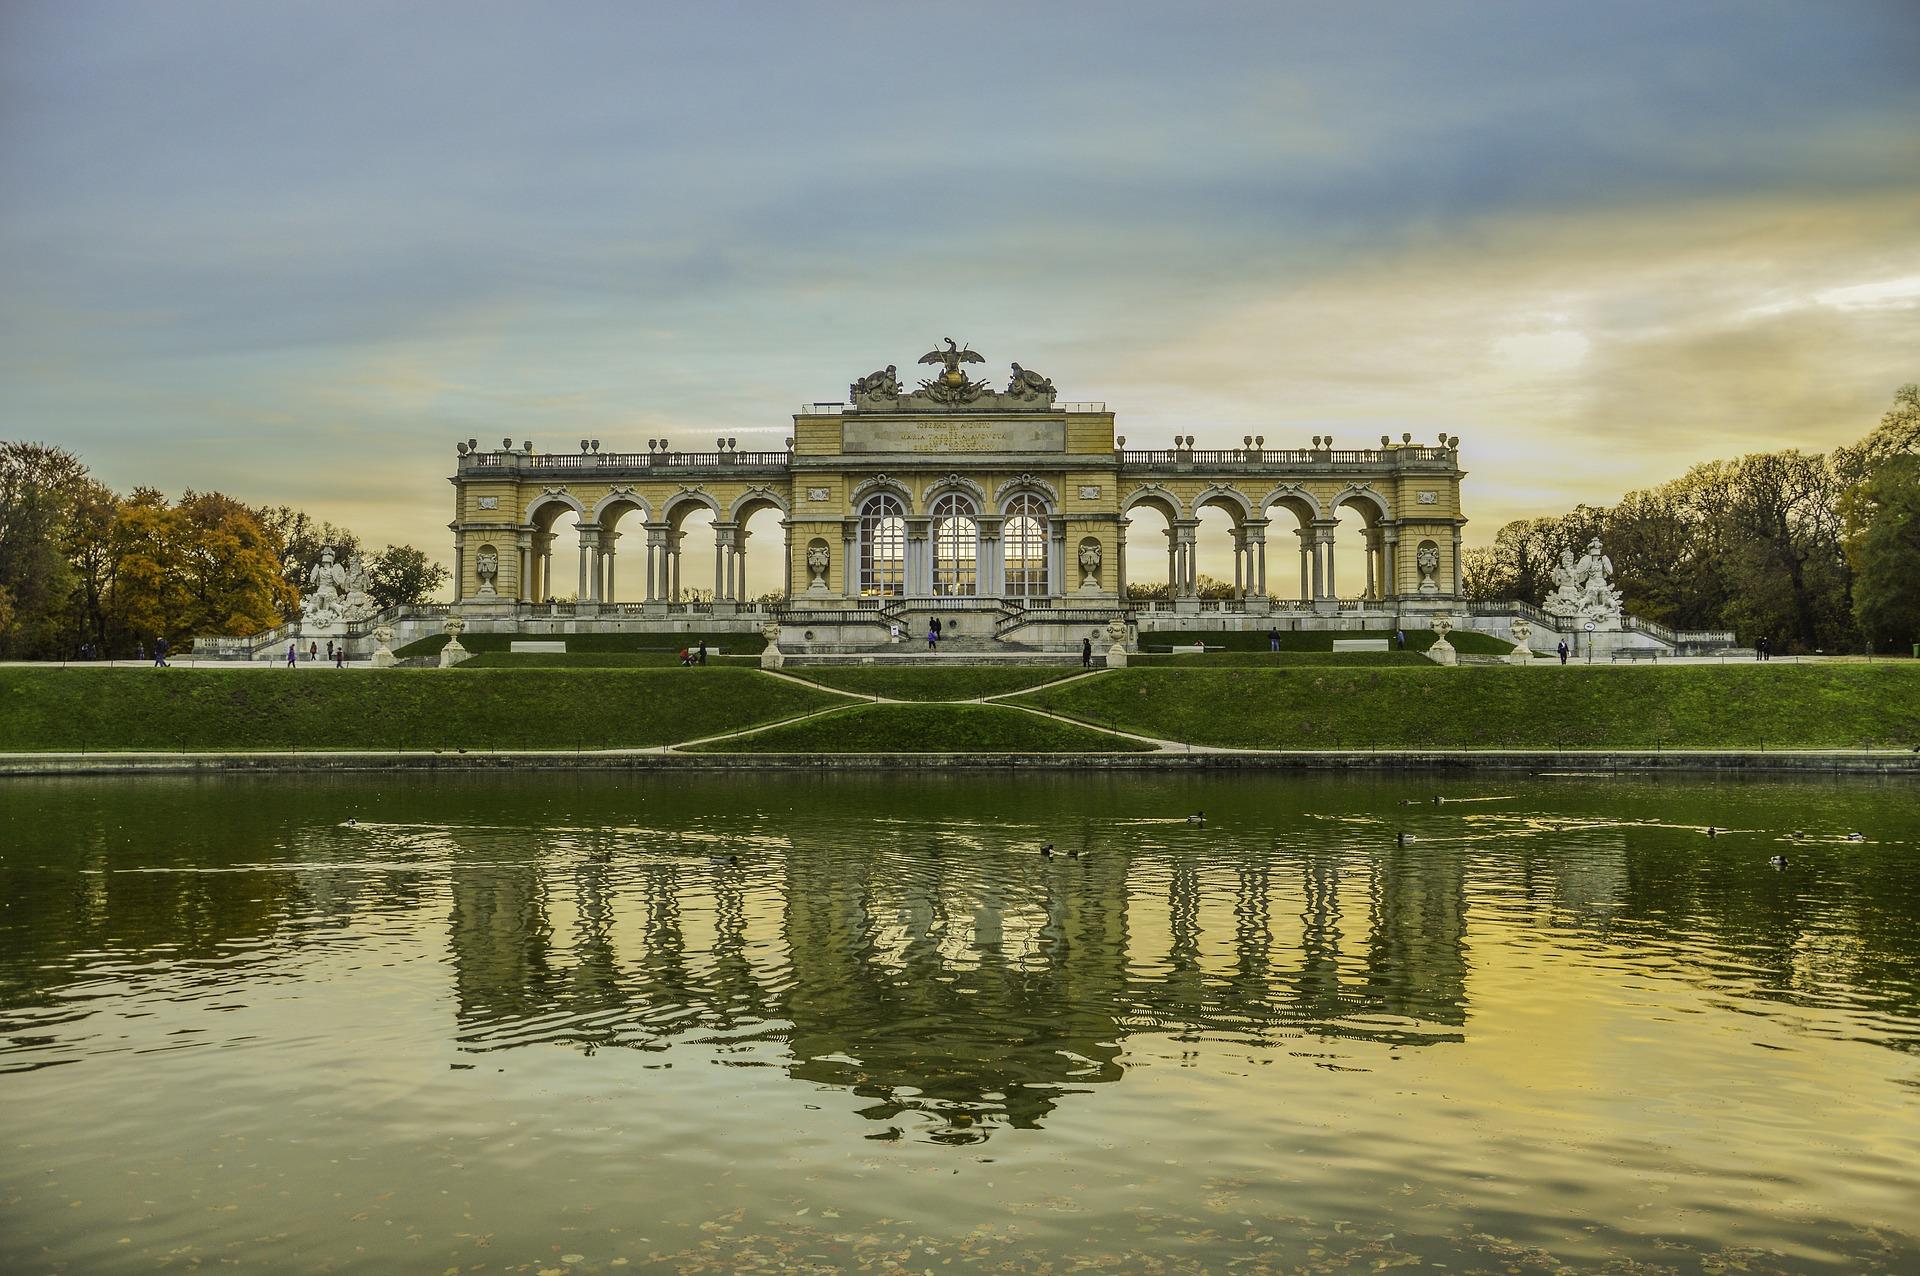 Ausztria - Advent Bécsben és a Schönbrunn-i kasté. Bécs, Szállás nélkül